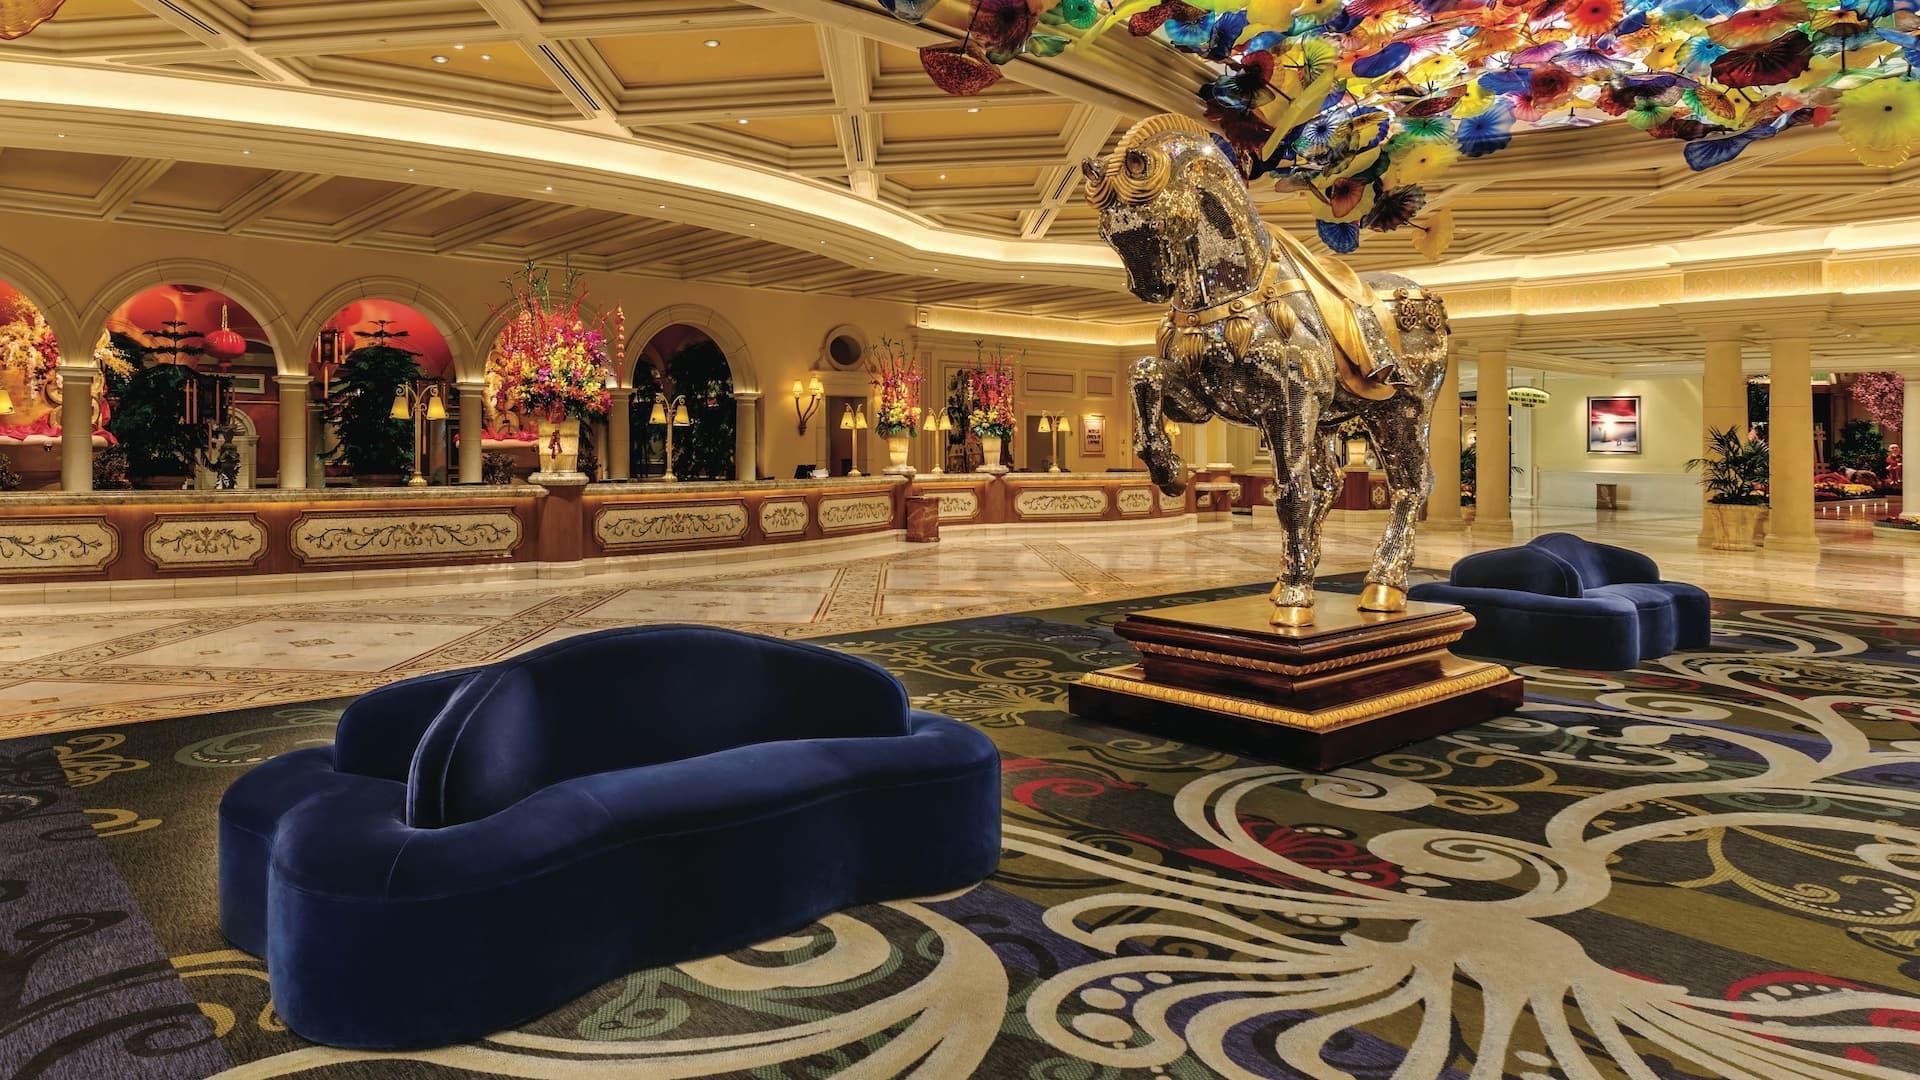 Bellagio Las Vegas interior